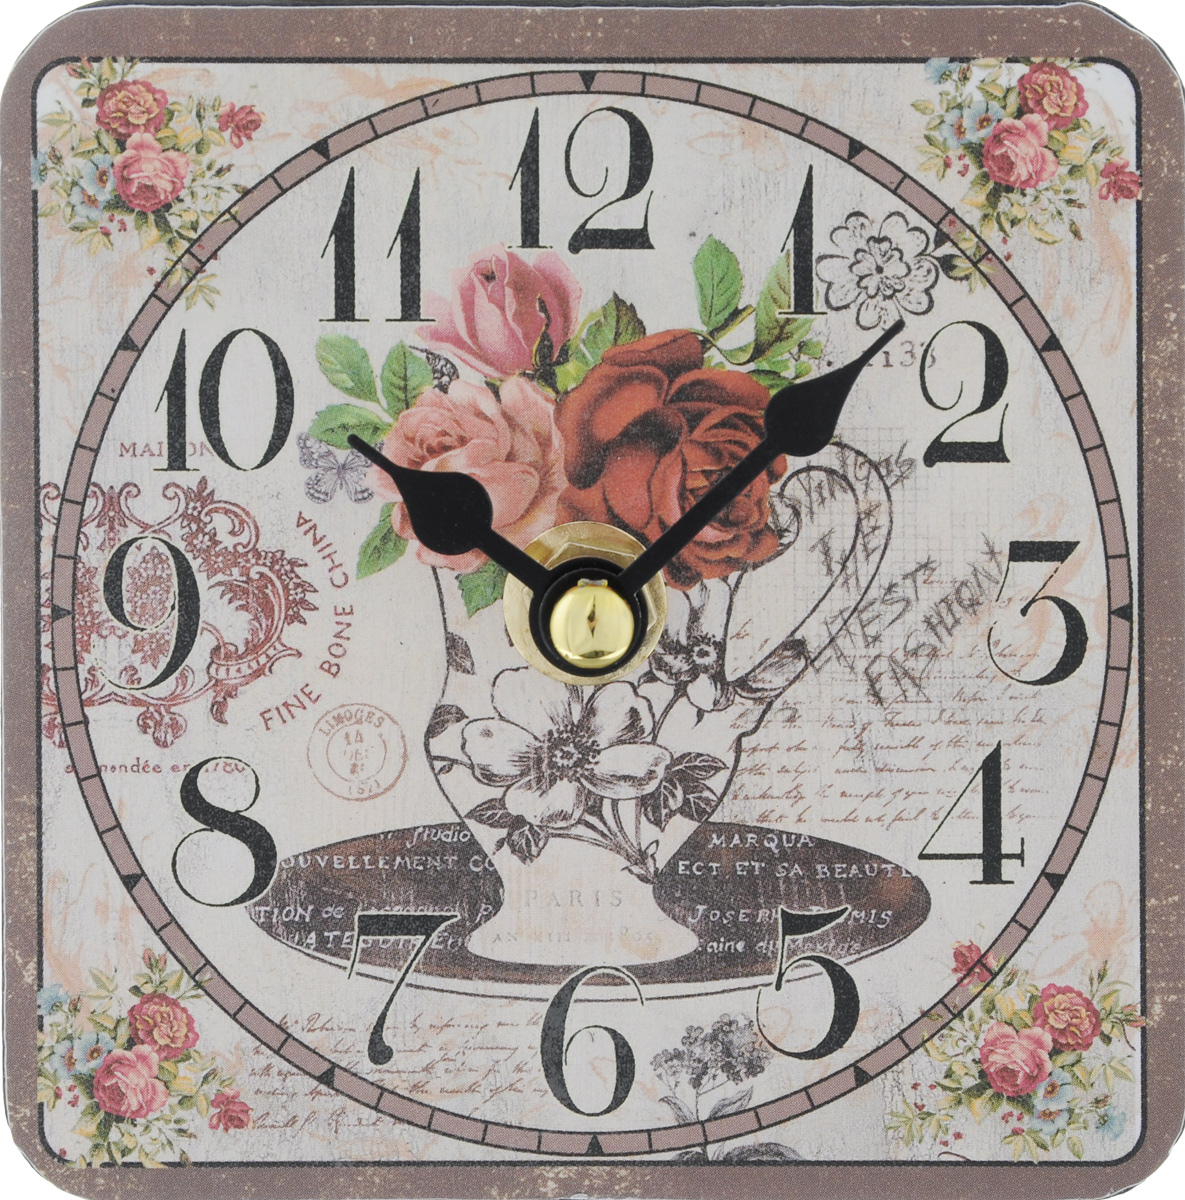 Часы настольные Феникс-Презент Ваза с цветами, 10 х 10 см40727Настольные часы квадратной формы Феникс-Презент Ваза с цветами своим эксклюзивным дизайном подчеркнут оригинальность интерьера вашего дома.Циферблат оформлен изображением вазы с цветами.Часы выполнены из МДФ. МДФ (мелкодисперсные фракции) представляет собой плиту из запрессованной вакуумным способом деревянной пыли и является наиболее экологически чистым материалом среди себе подобных.Часы имеют две стрелки - часовую и минутную. Настольные часы Феникс-Презент Ваза с цветами подходят для кухни, гостиной, прихожей или дачи, а также могут стать отличным подарком для друзей и близких. ВНИМАНИЕ!!! Часы работают от сменной батареи типа АА 1,5V (в комплект не входит).